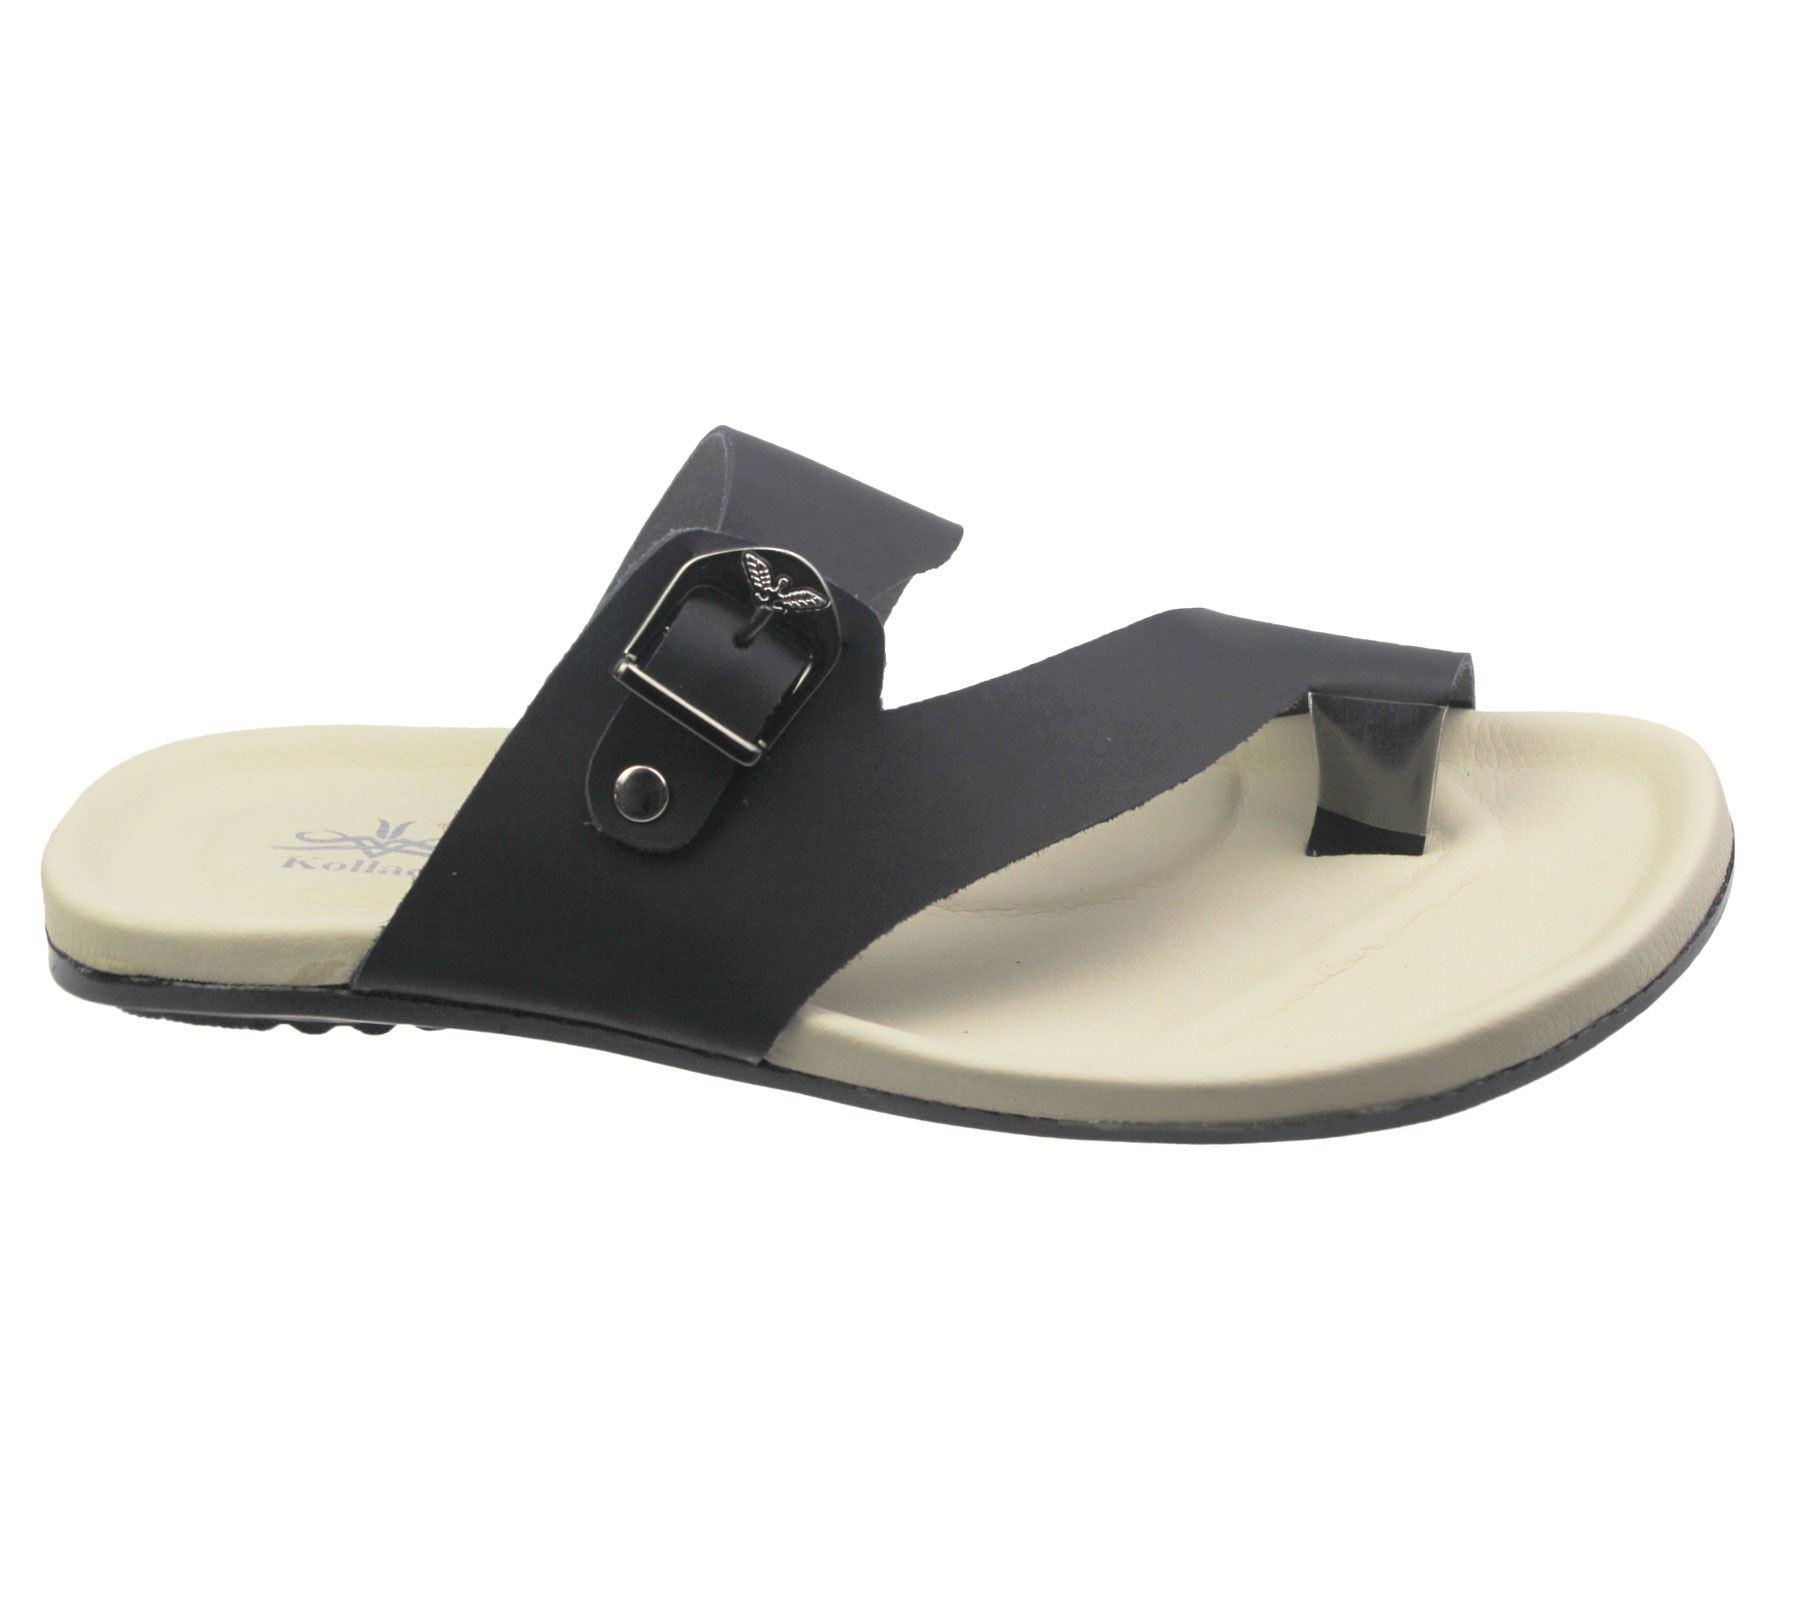 Uomo Sandali Ragazzi casual Pantofola spiaggia passeggio moda infradito